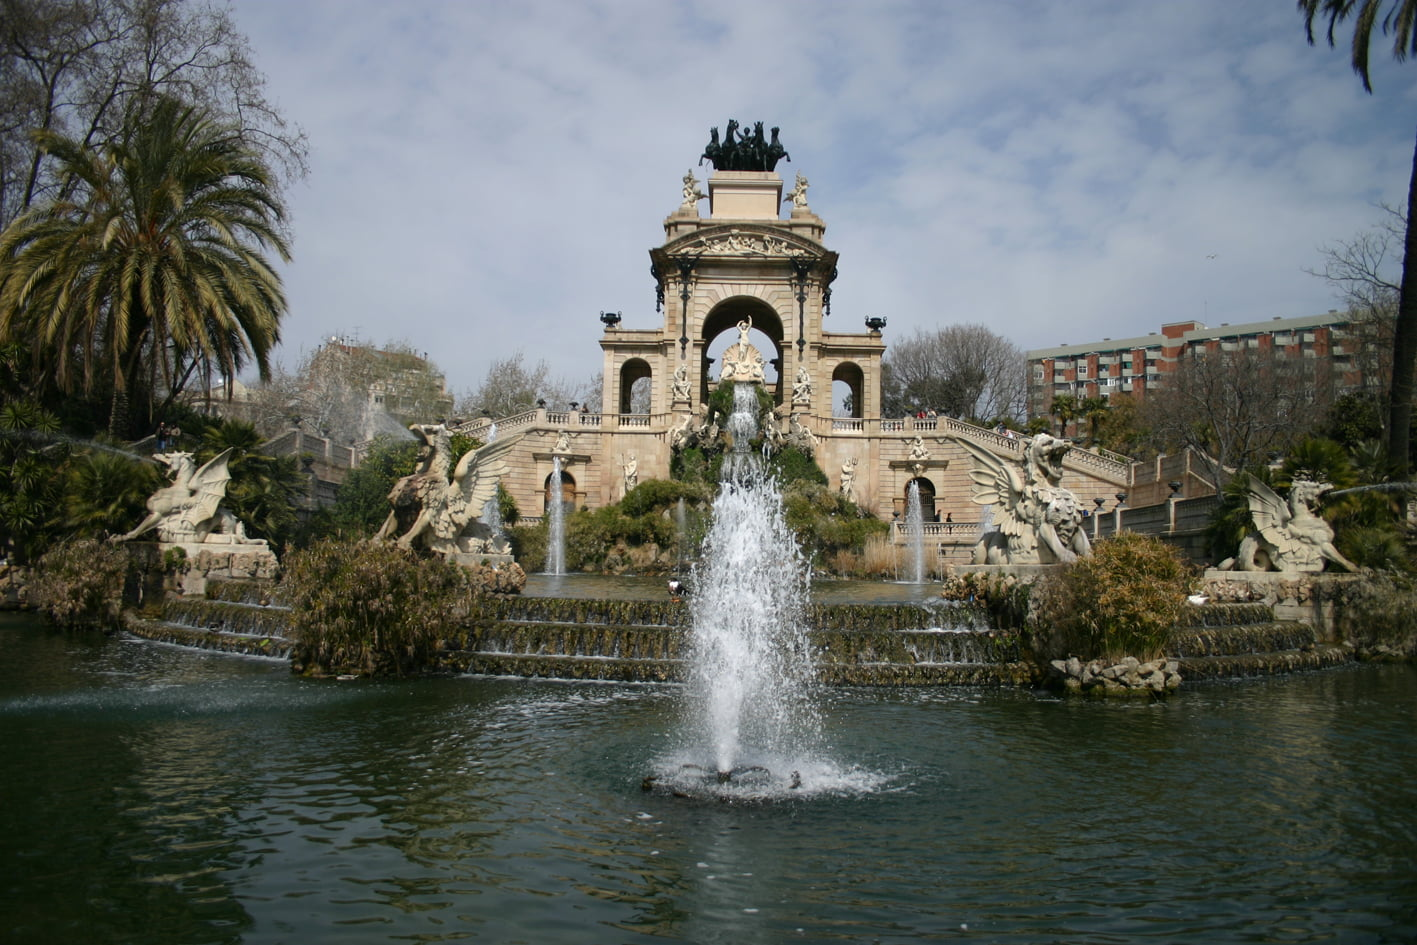 Park of Ciutadella